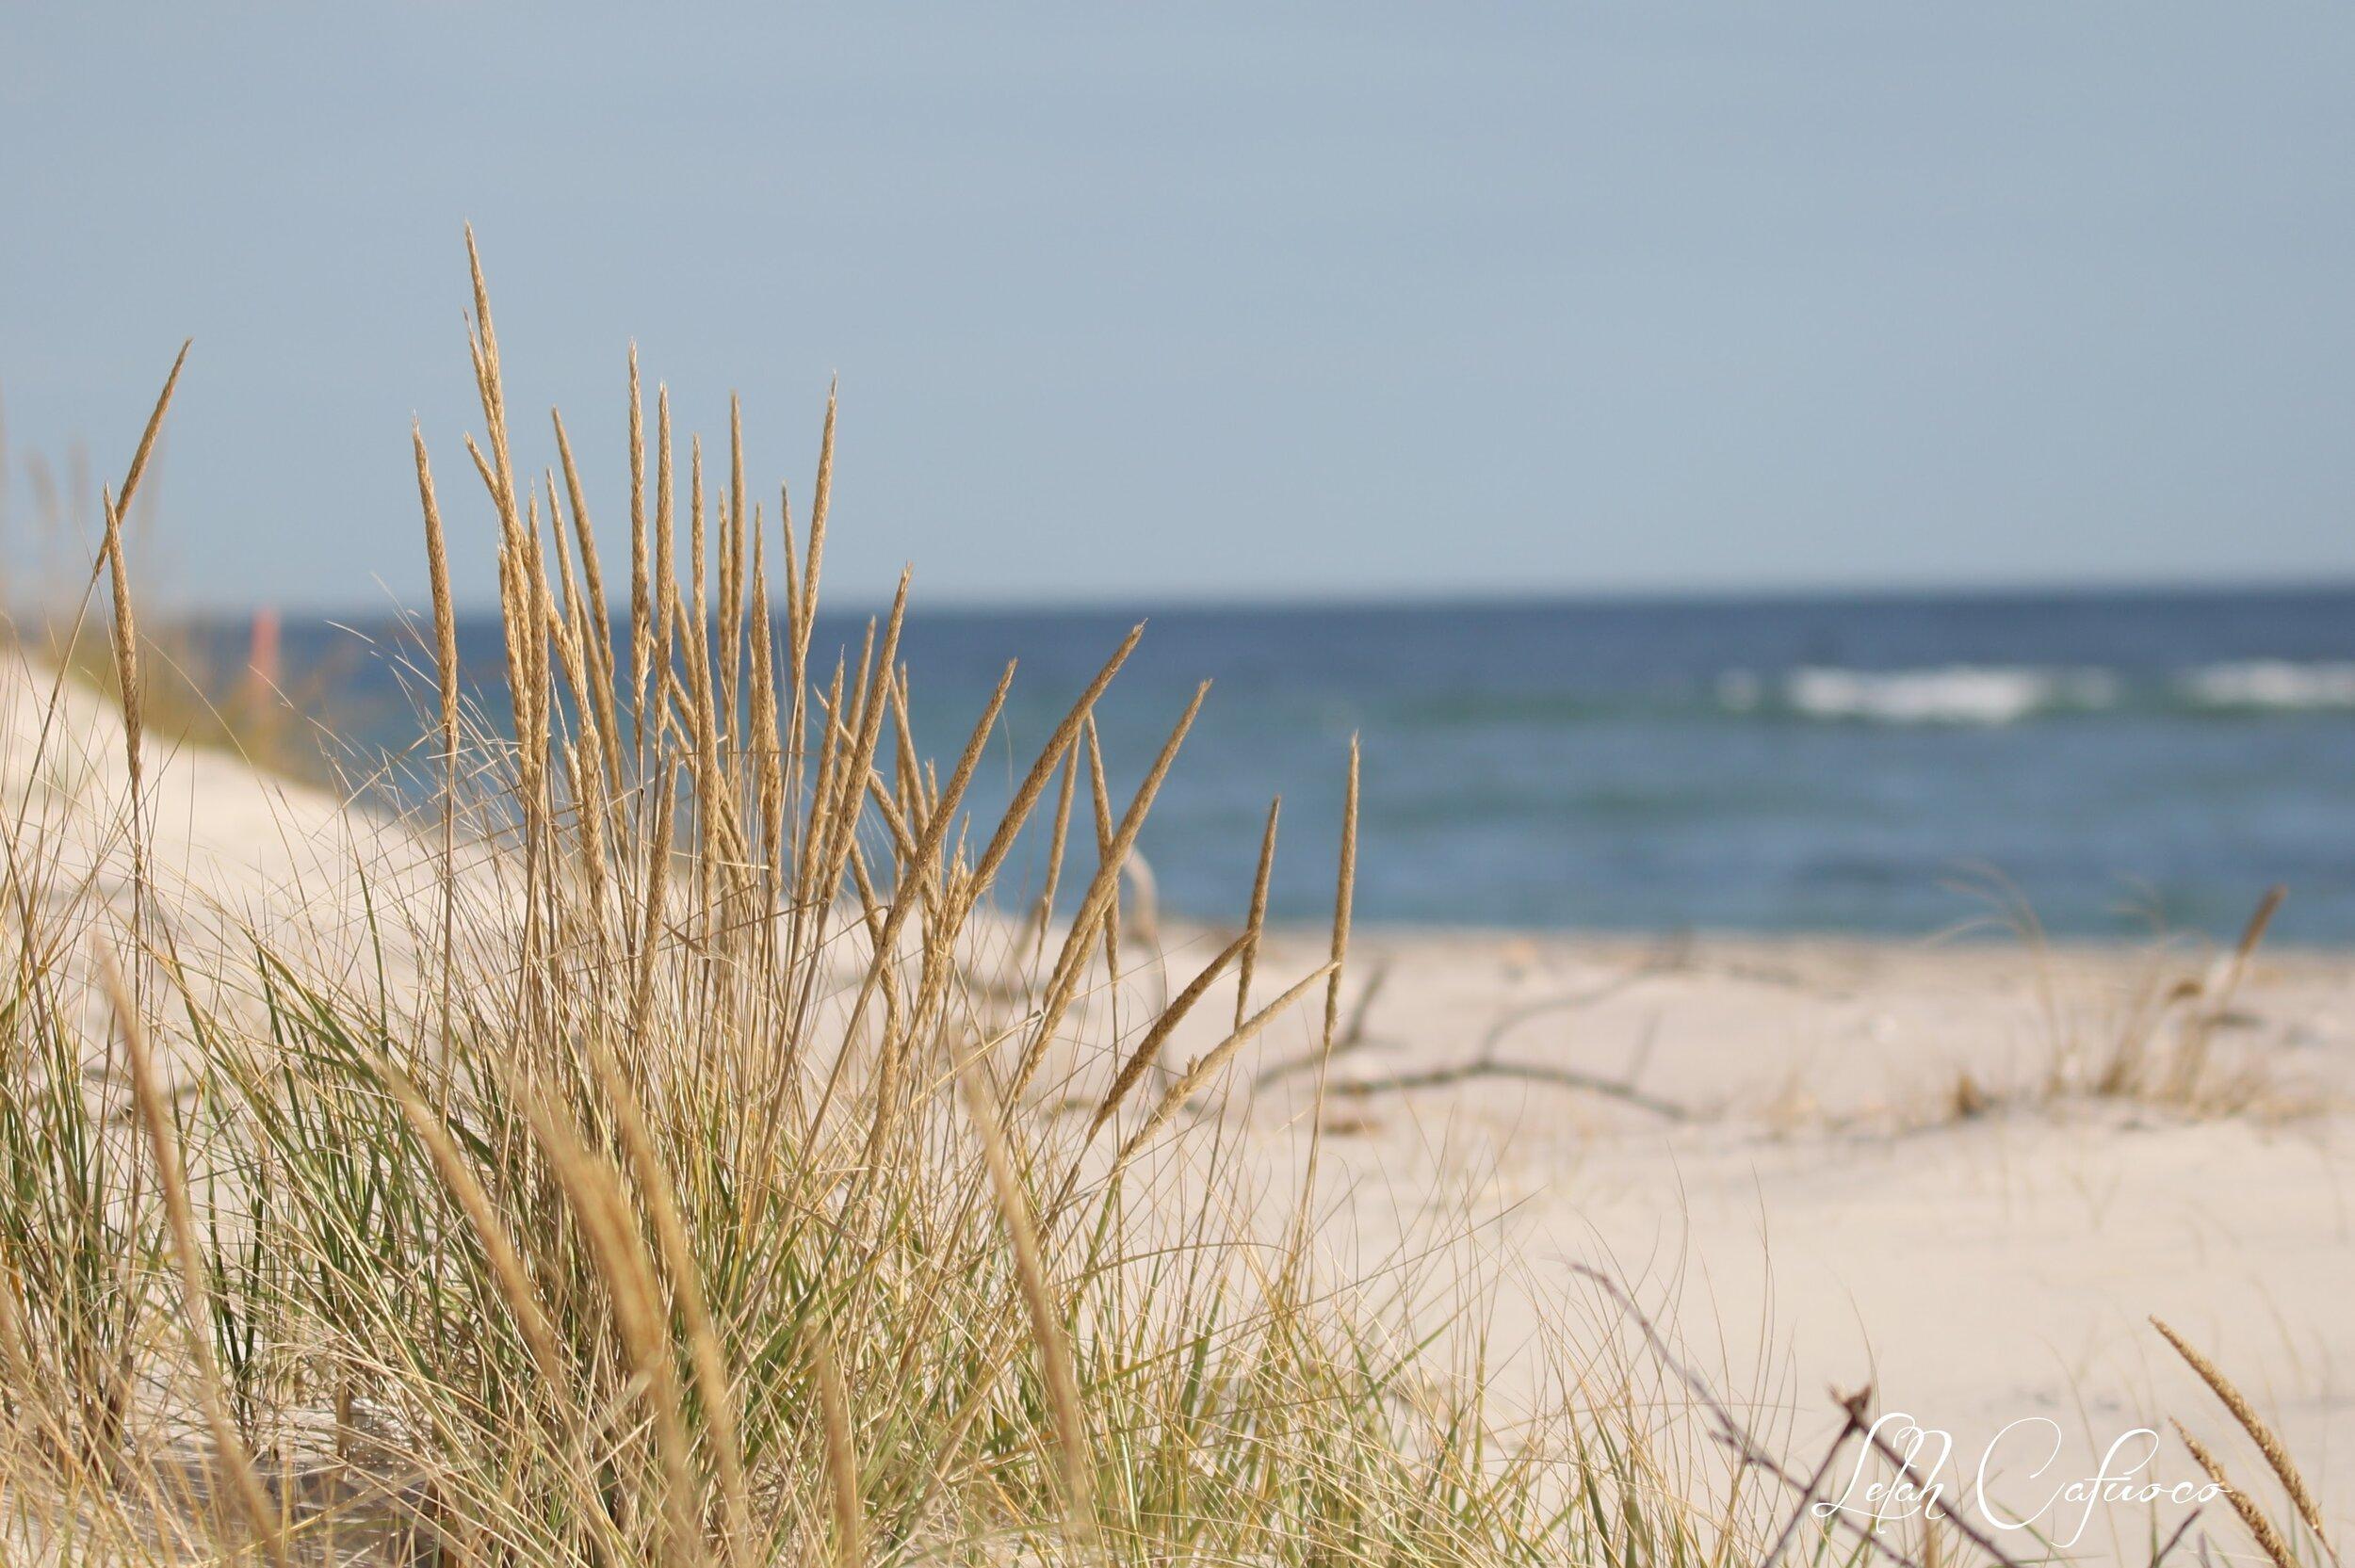 dune grass and ocean in bg.jpg